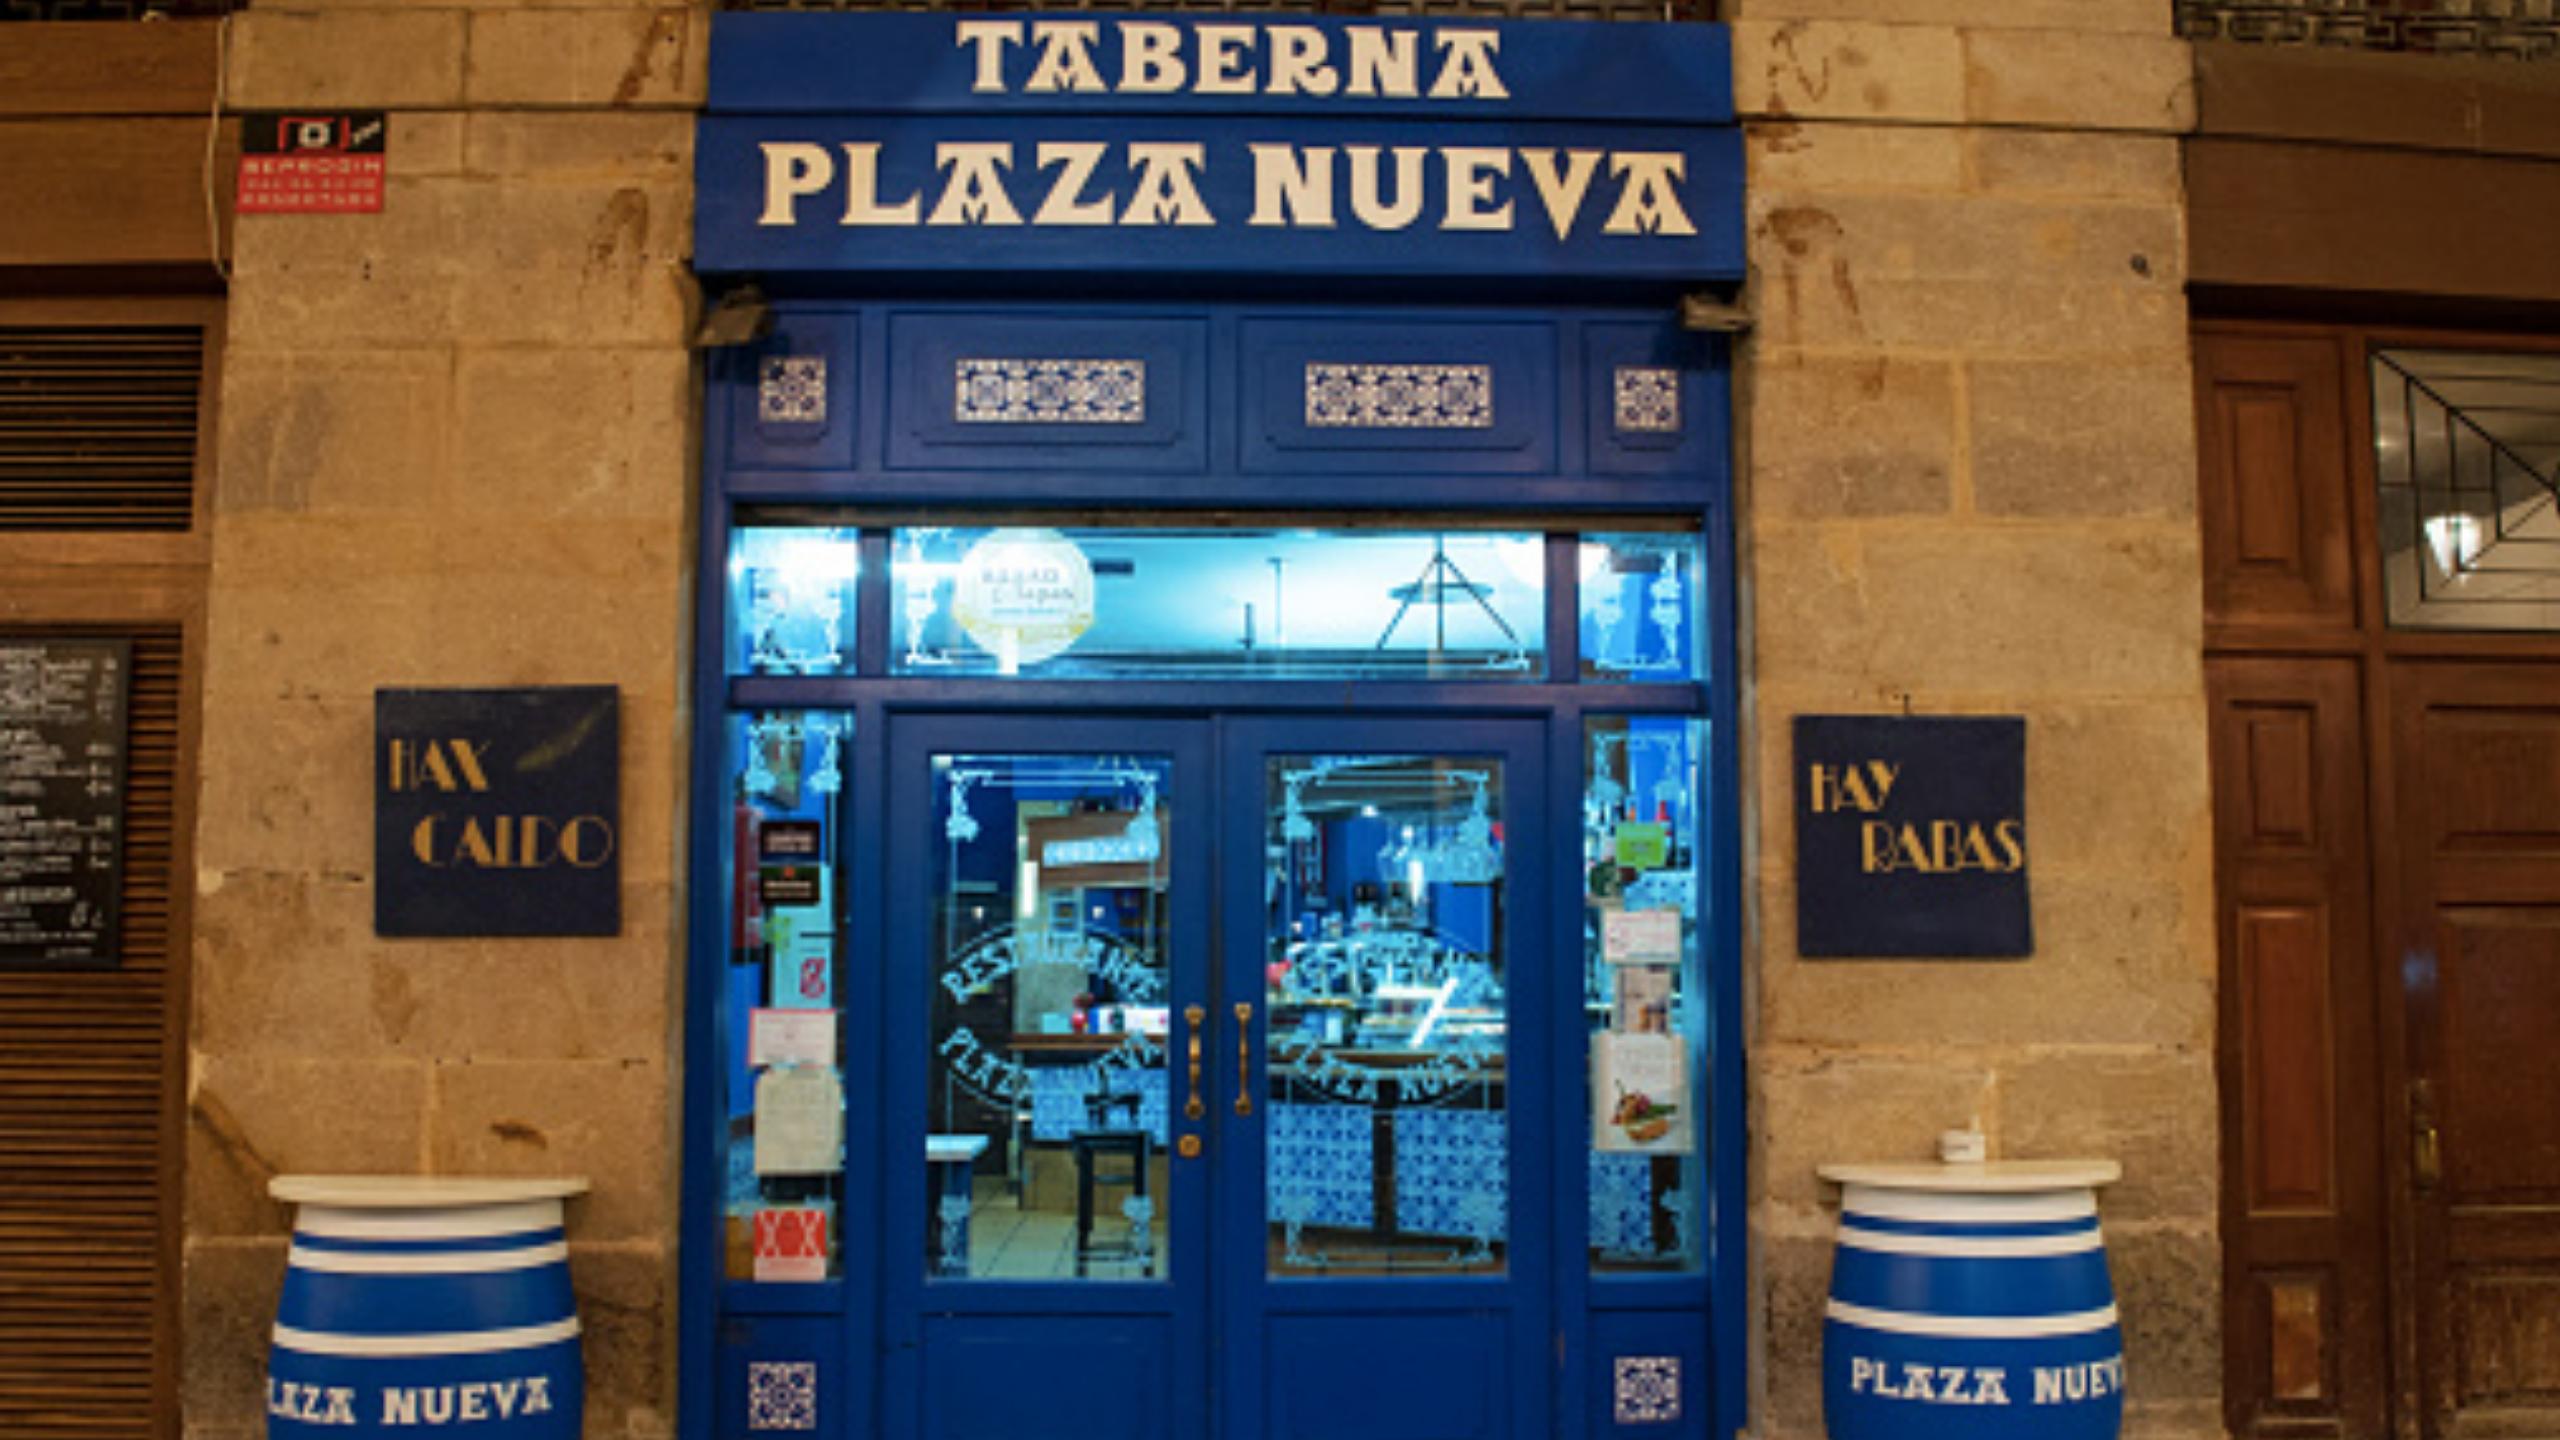 Semana Santa de pintxos cofrades en la Taberna Plaza Nueva